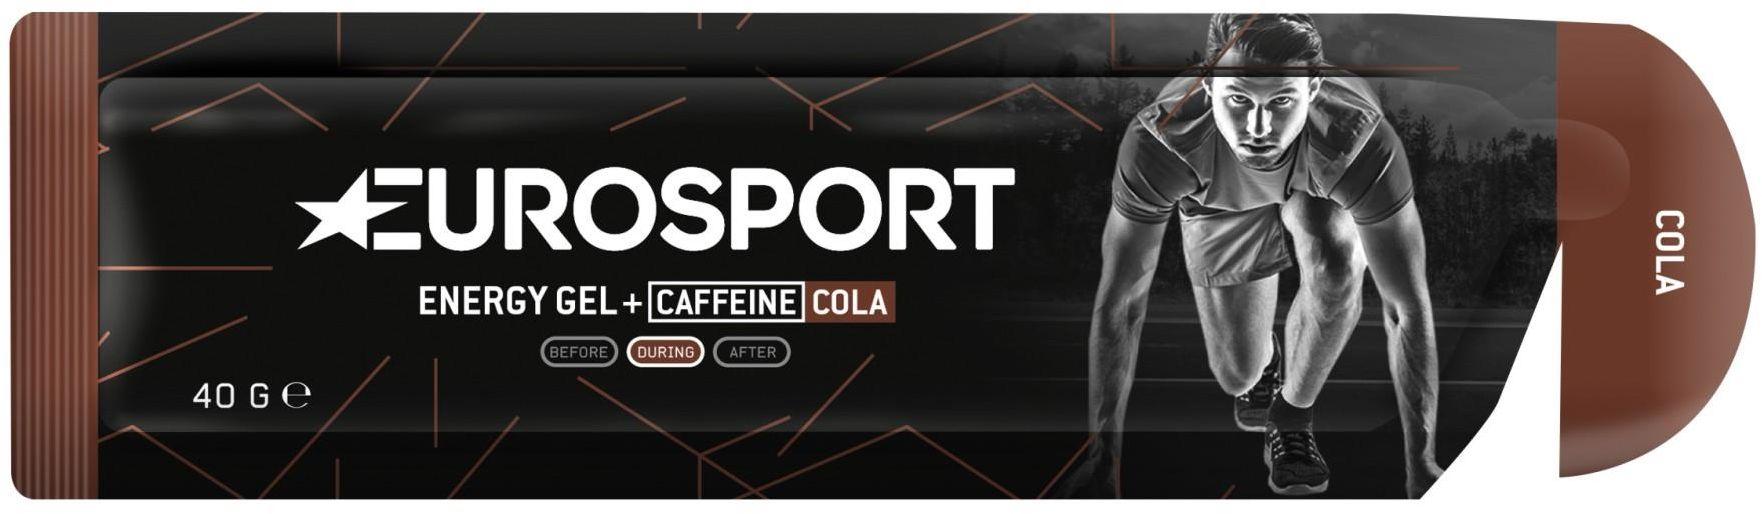 EUROSPORT żel energetyczny NUTRITION cola + kofeina 40g E0030,8718754408165